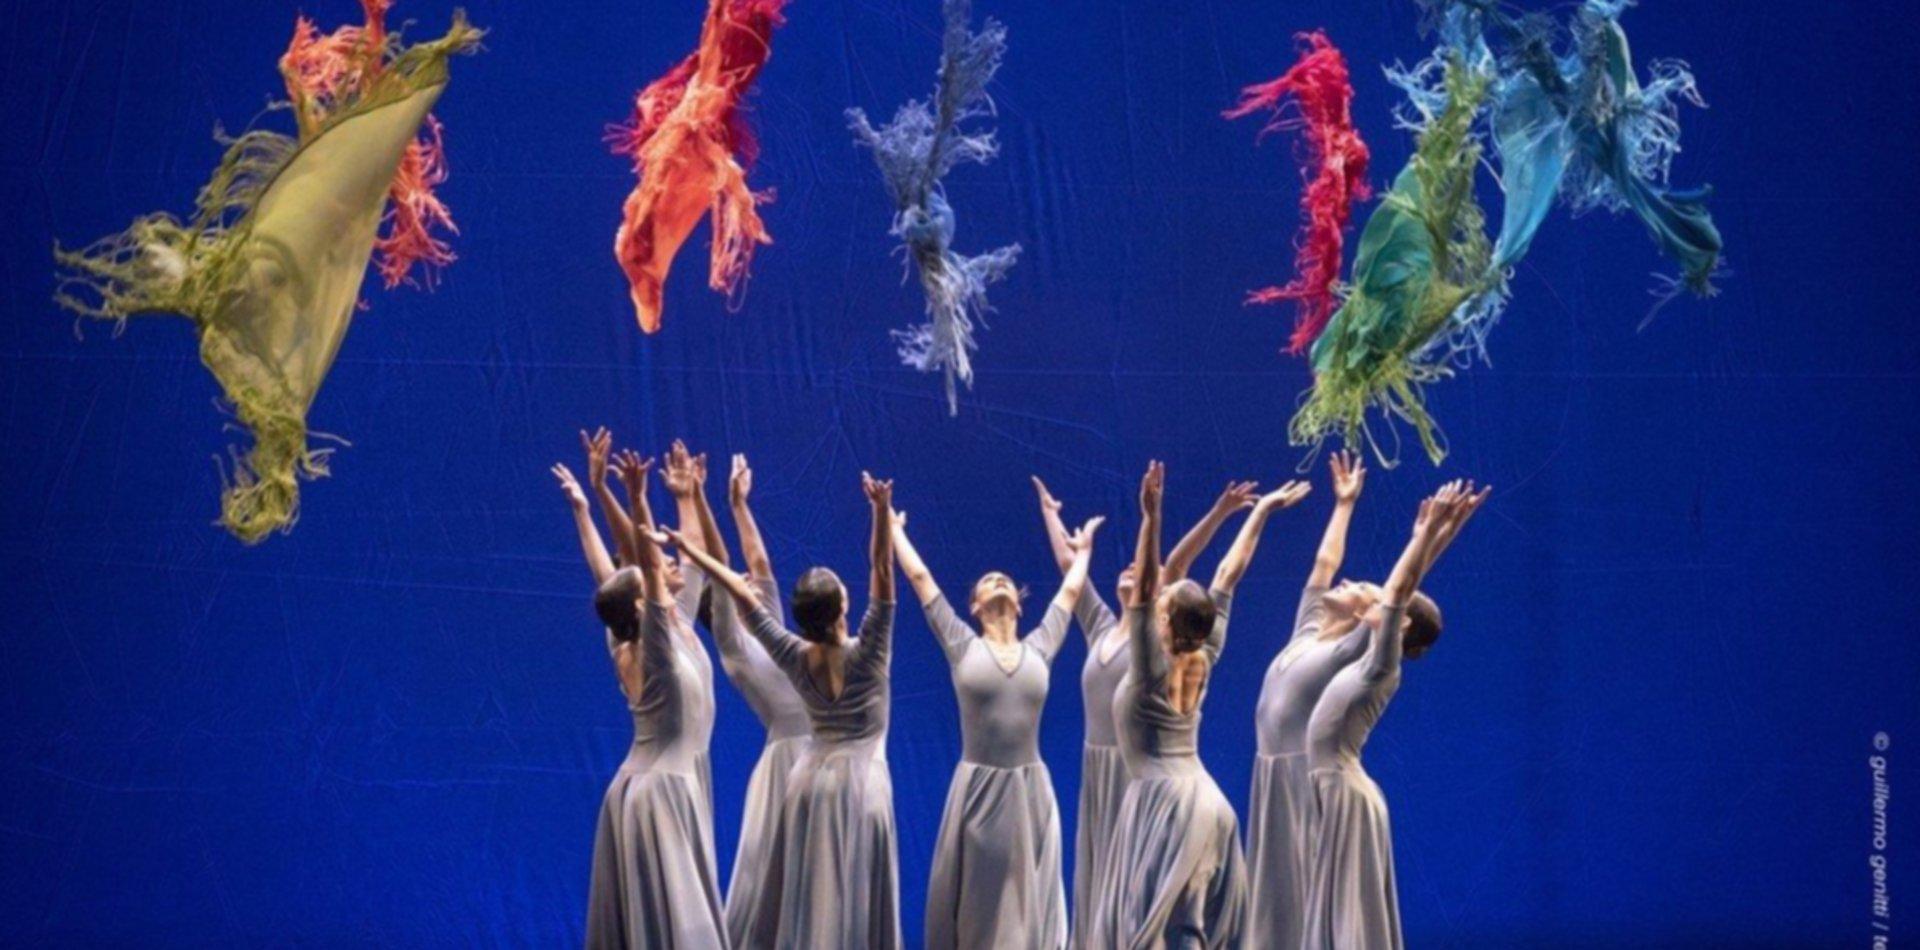 Martes multifacético: ballet, improvisación, samba, música, cine y exposiciones